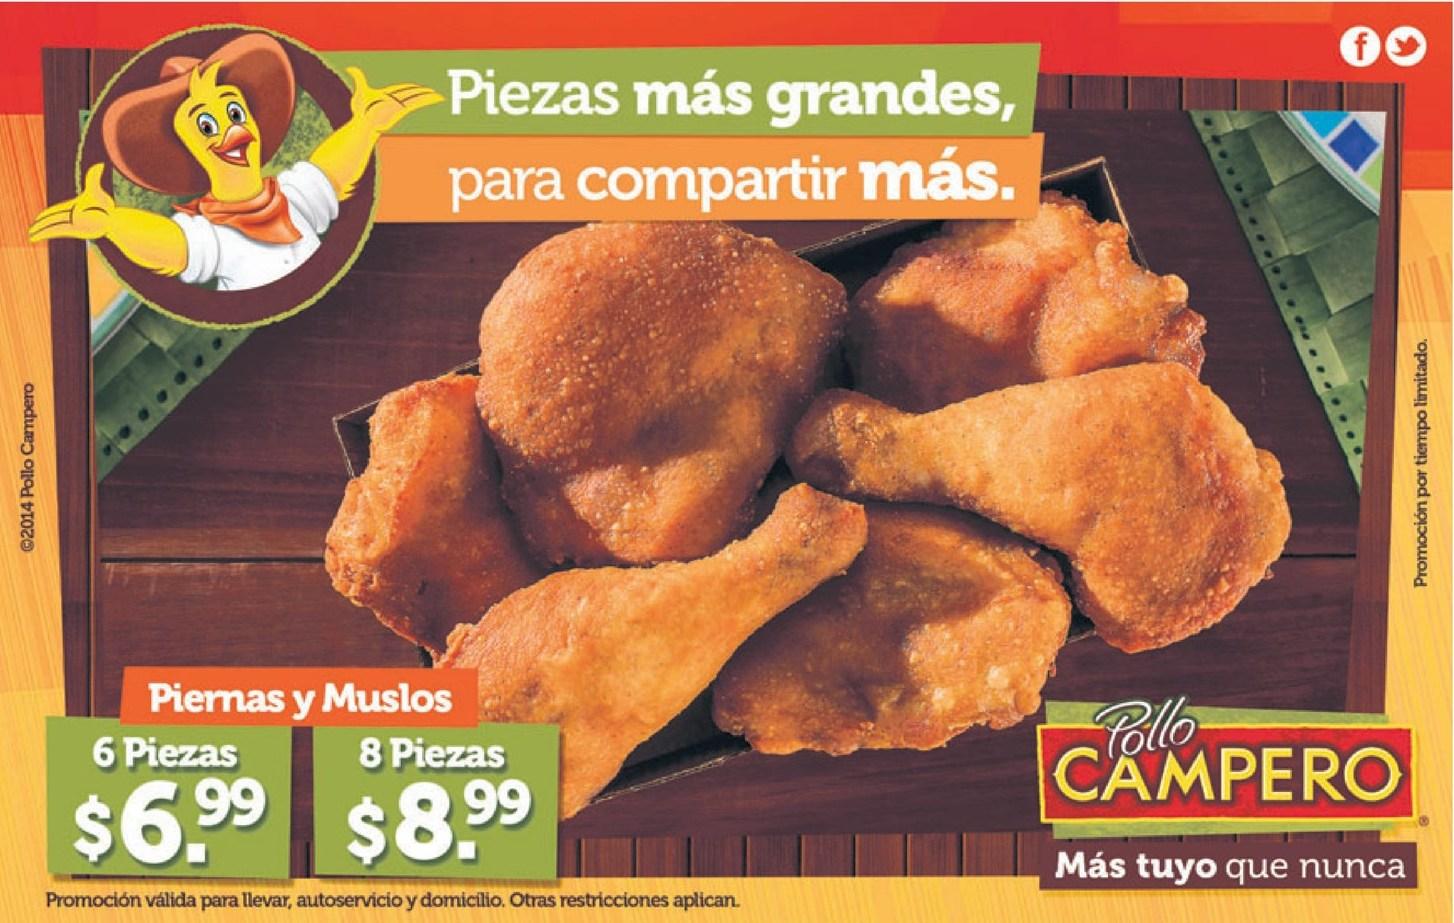 promociones pollo campero para llevar domicilio autoservicio rh ofertasahora com pollo campero el salvador a domicilio promociones